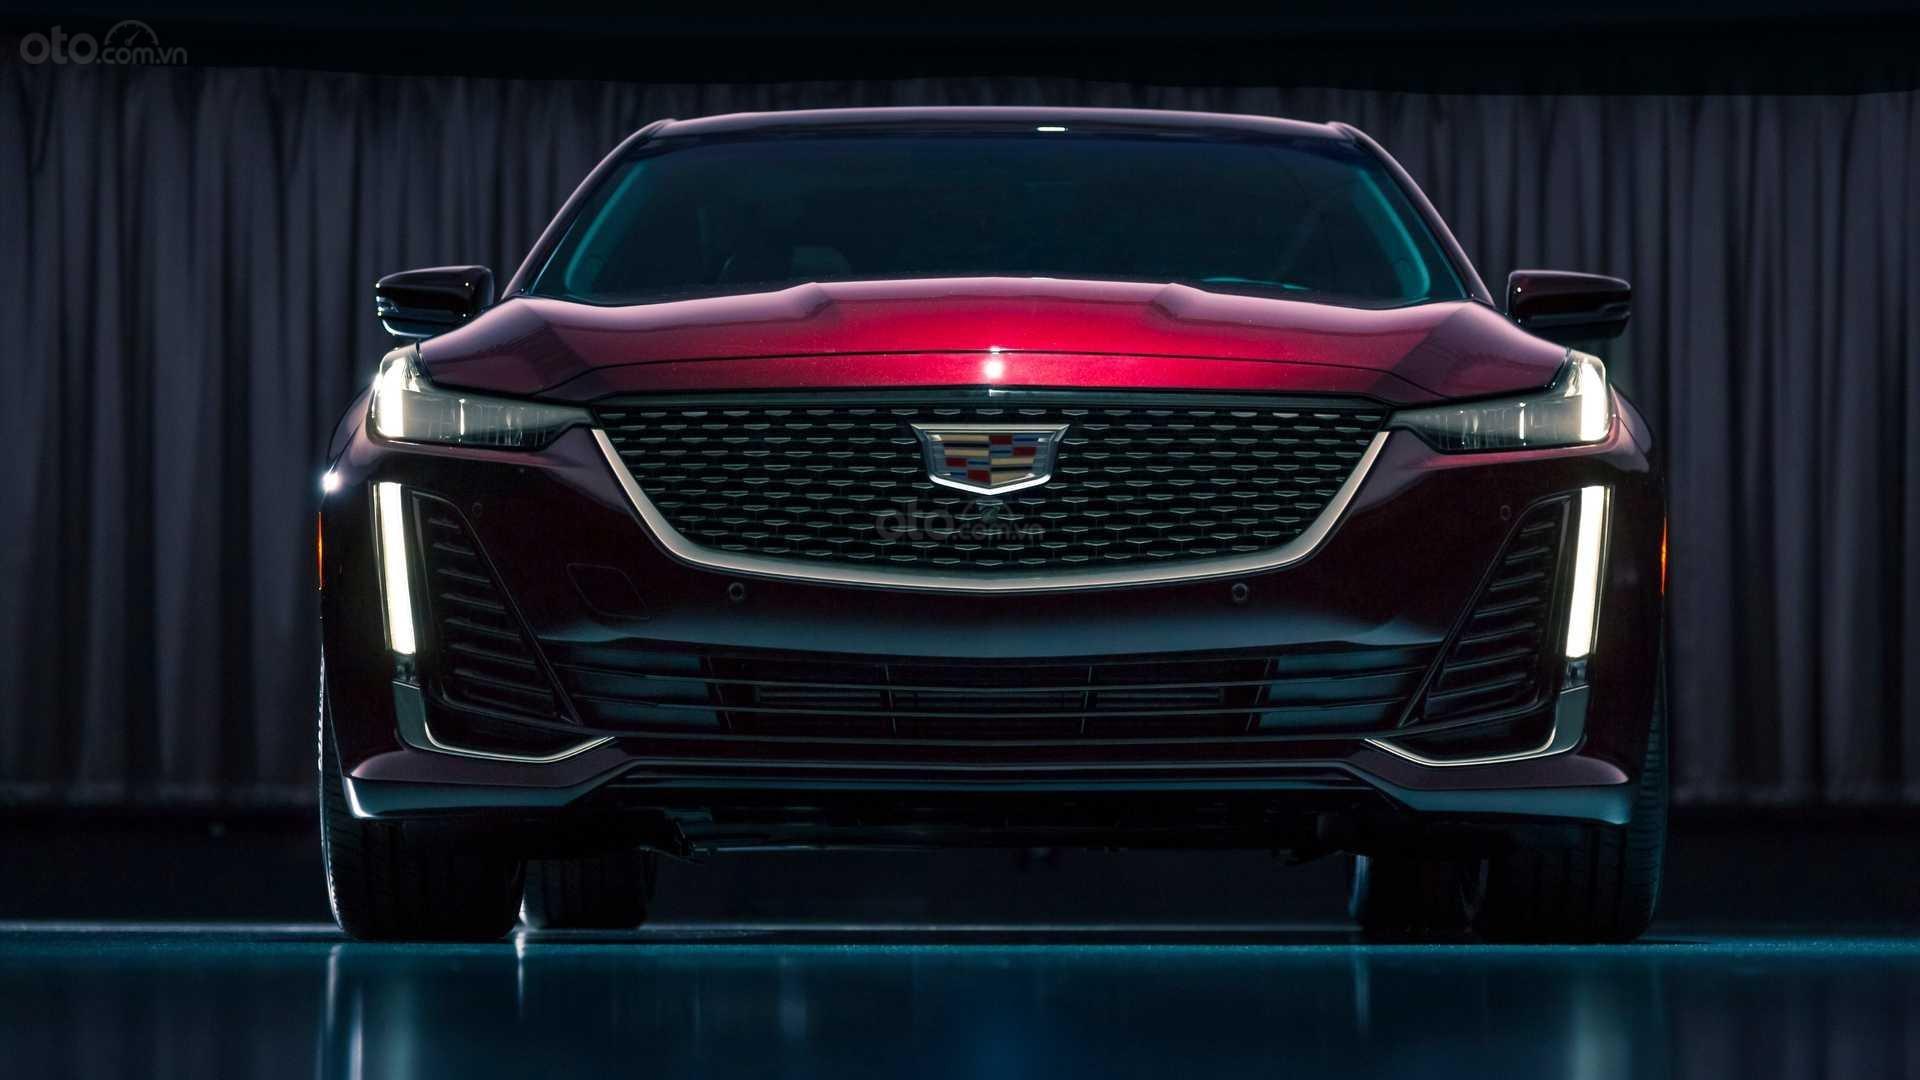 Đánh giá xe Cadillac CT5 2020.